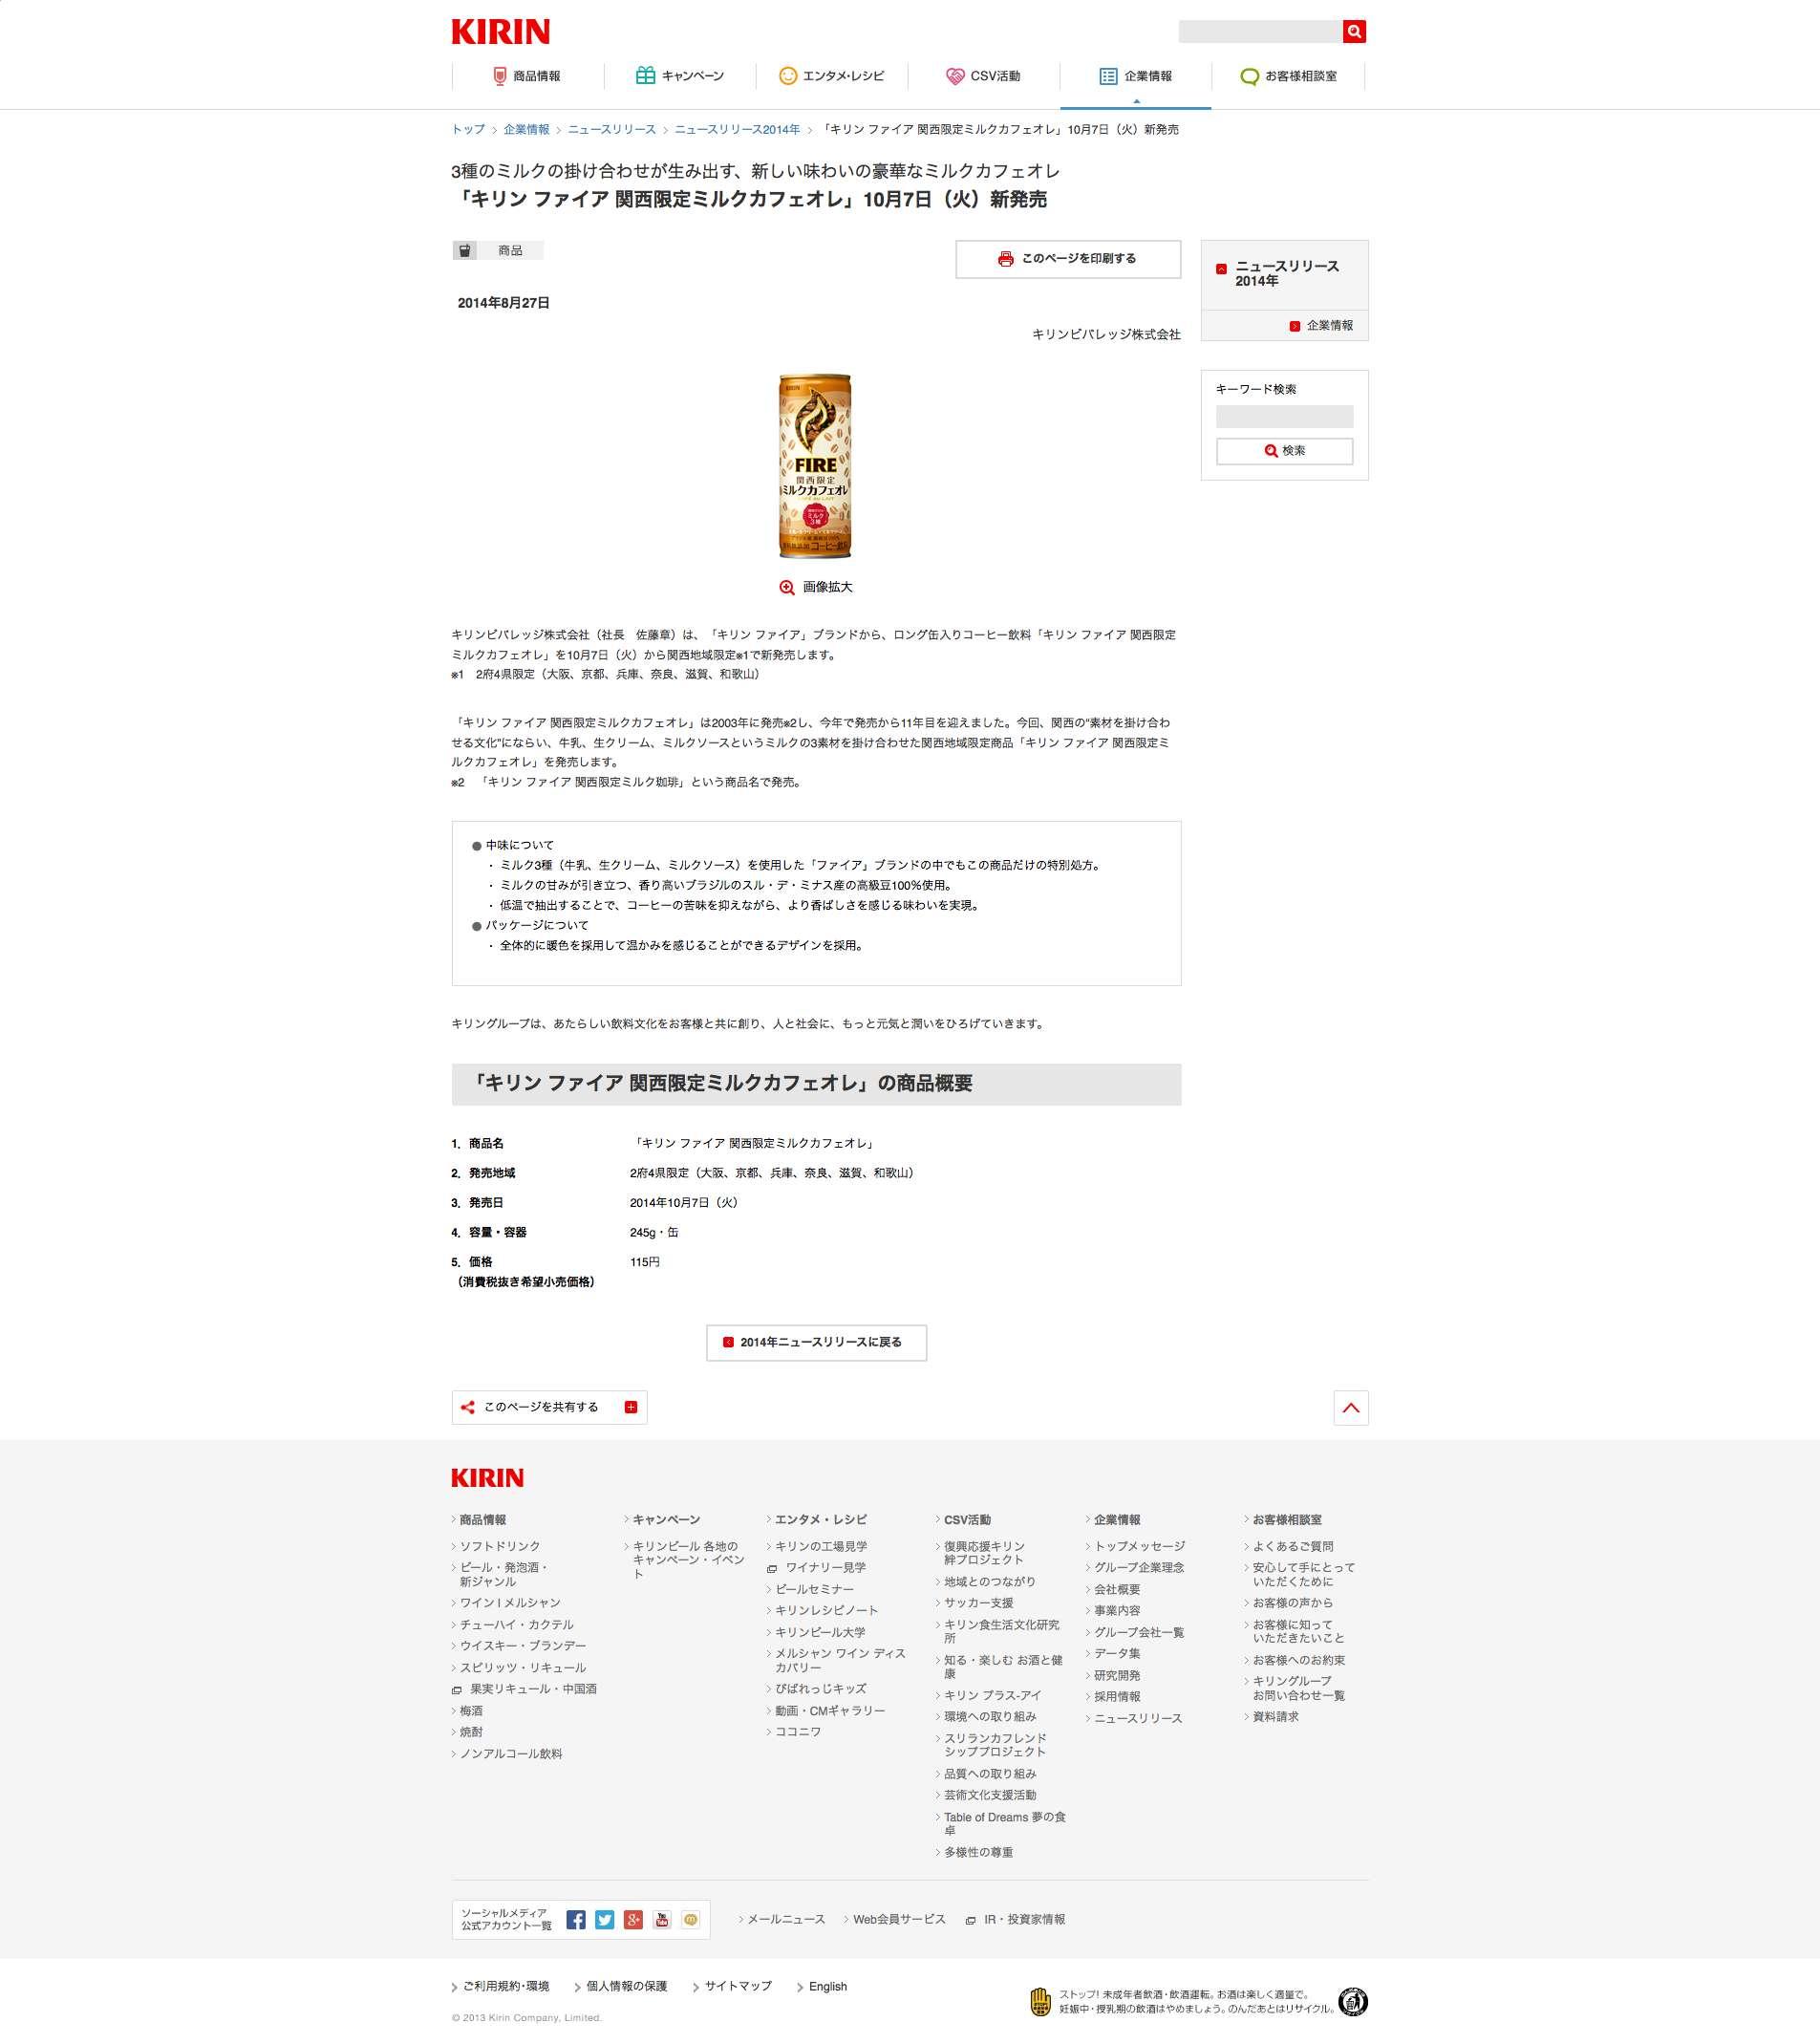 「キリン ファイア 関西限定ミルクカフェオレ」10月7日(火)新発売|2014年|ニュースリリース|キリン